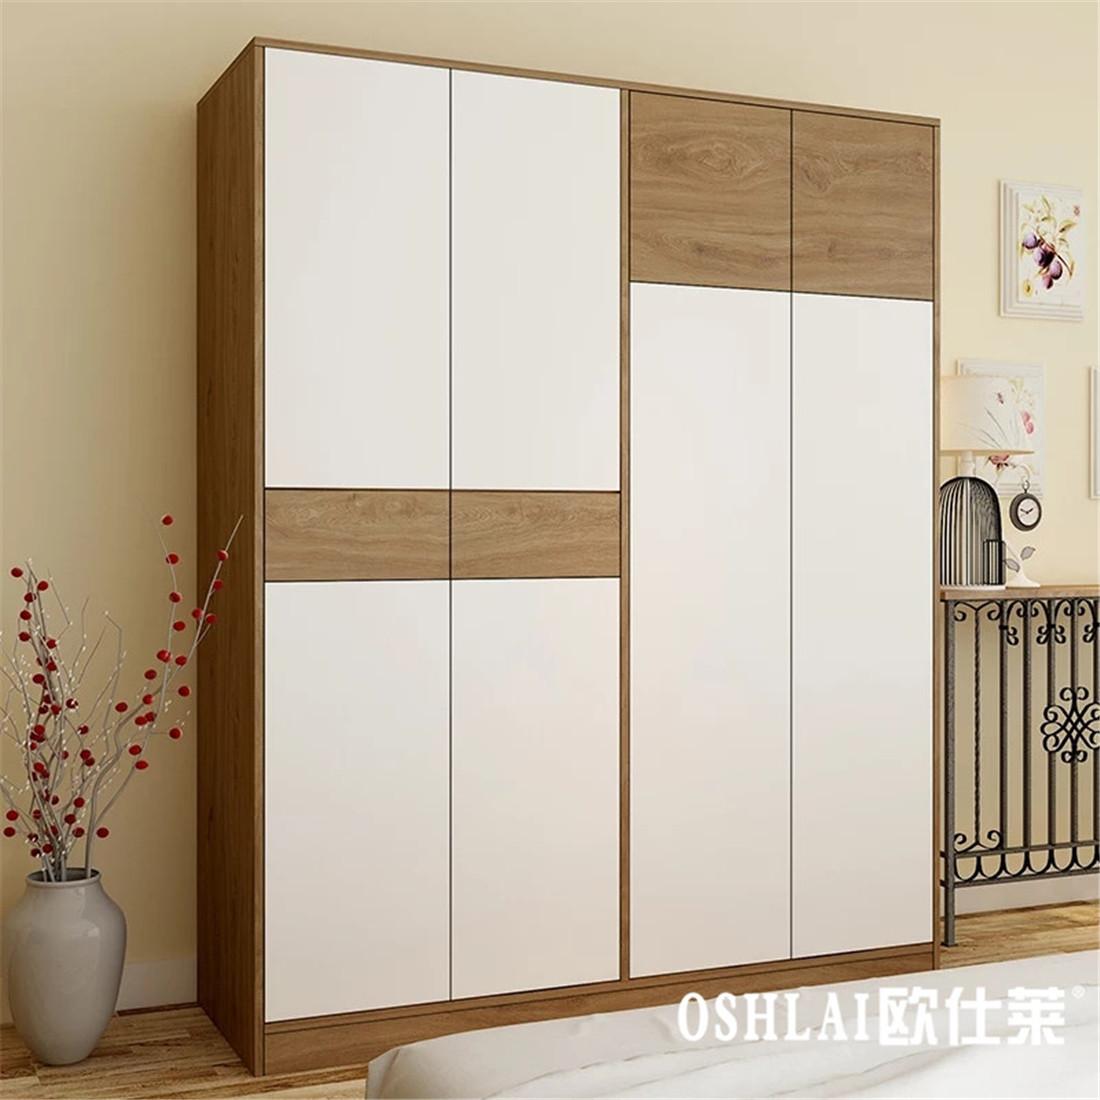 怎样合理安排定制衣柜的测量时间?